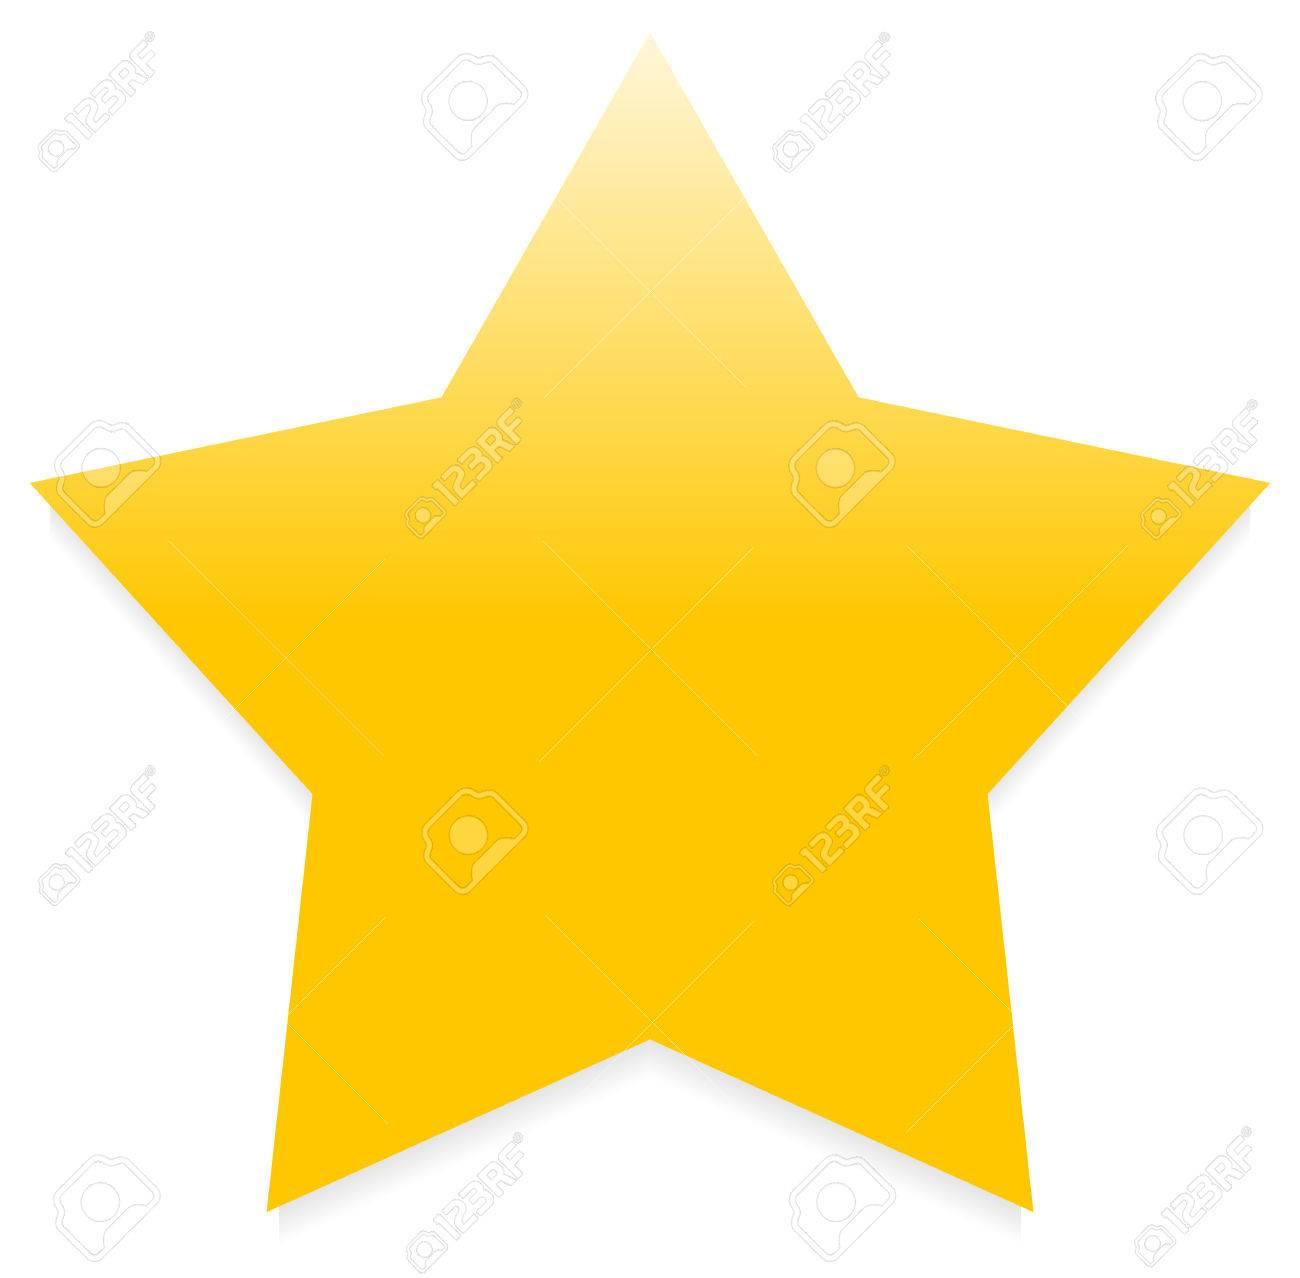 黄色星に分離白単にスター クリップ アート星のアイコンのイラスト素材